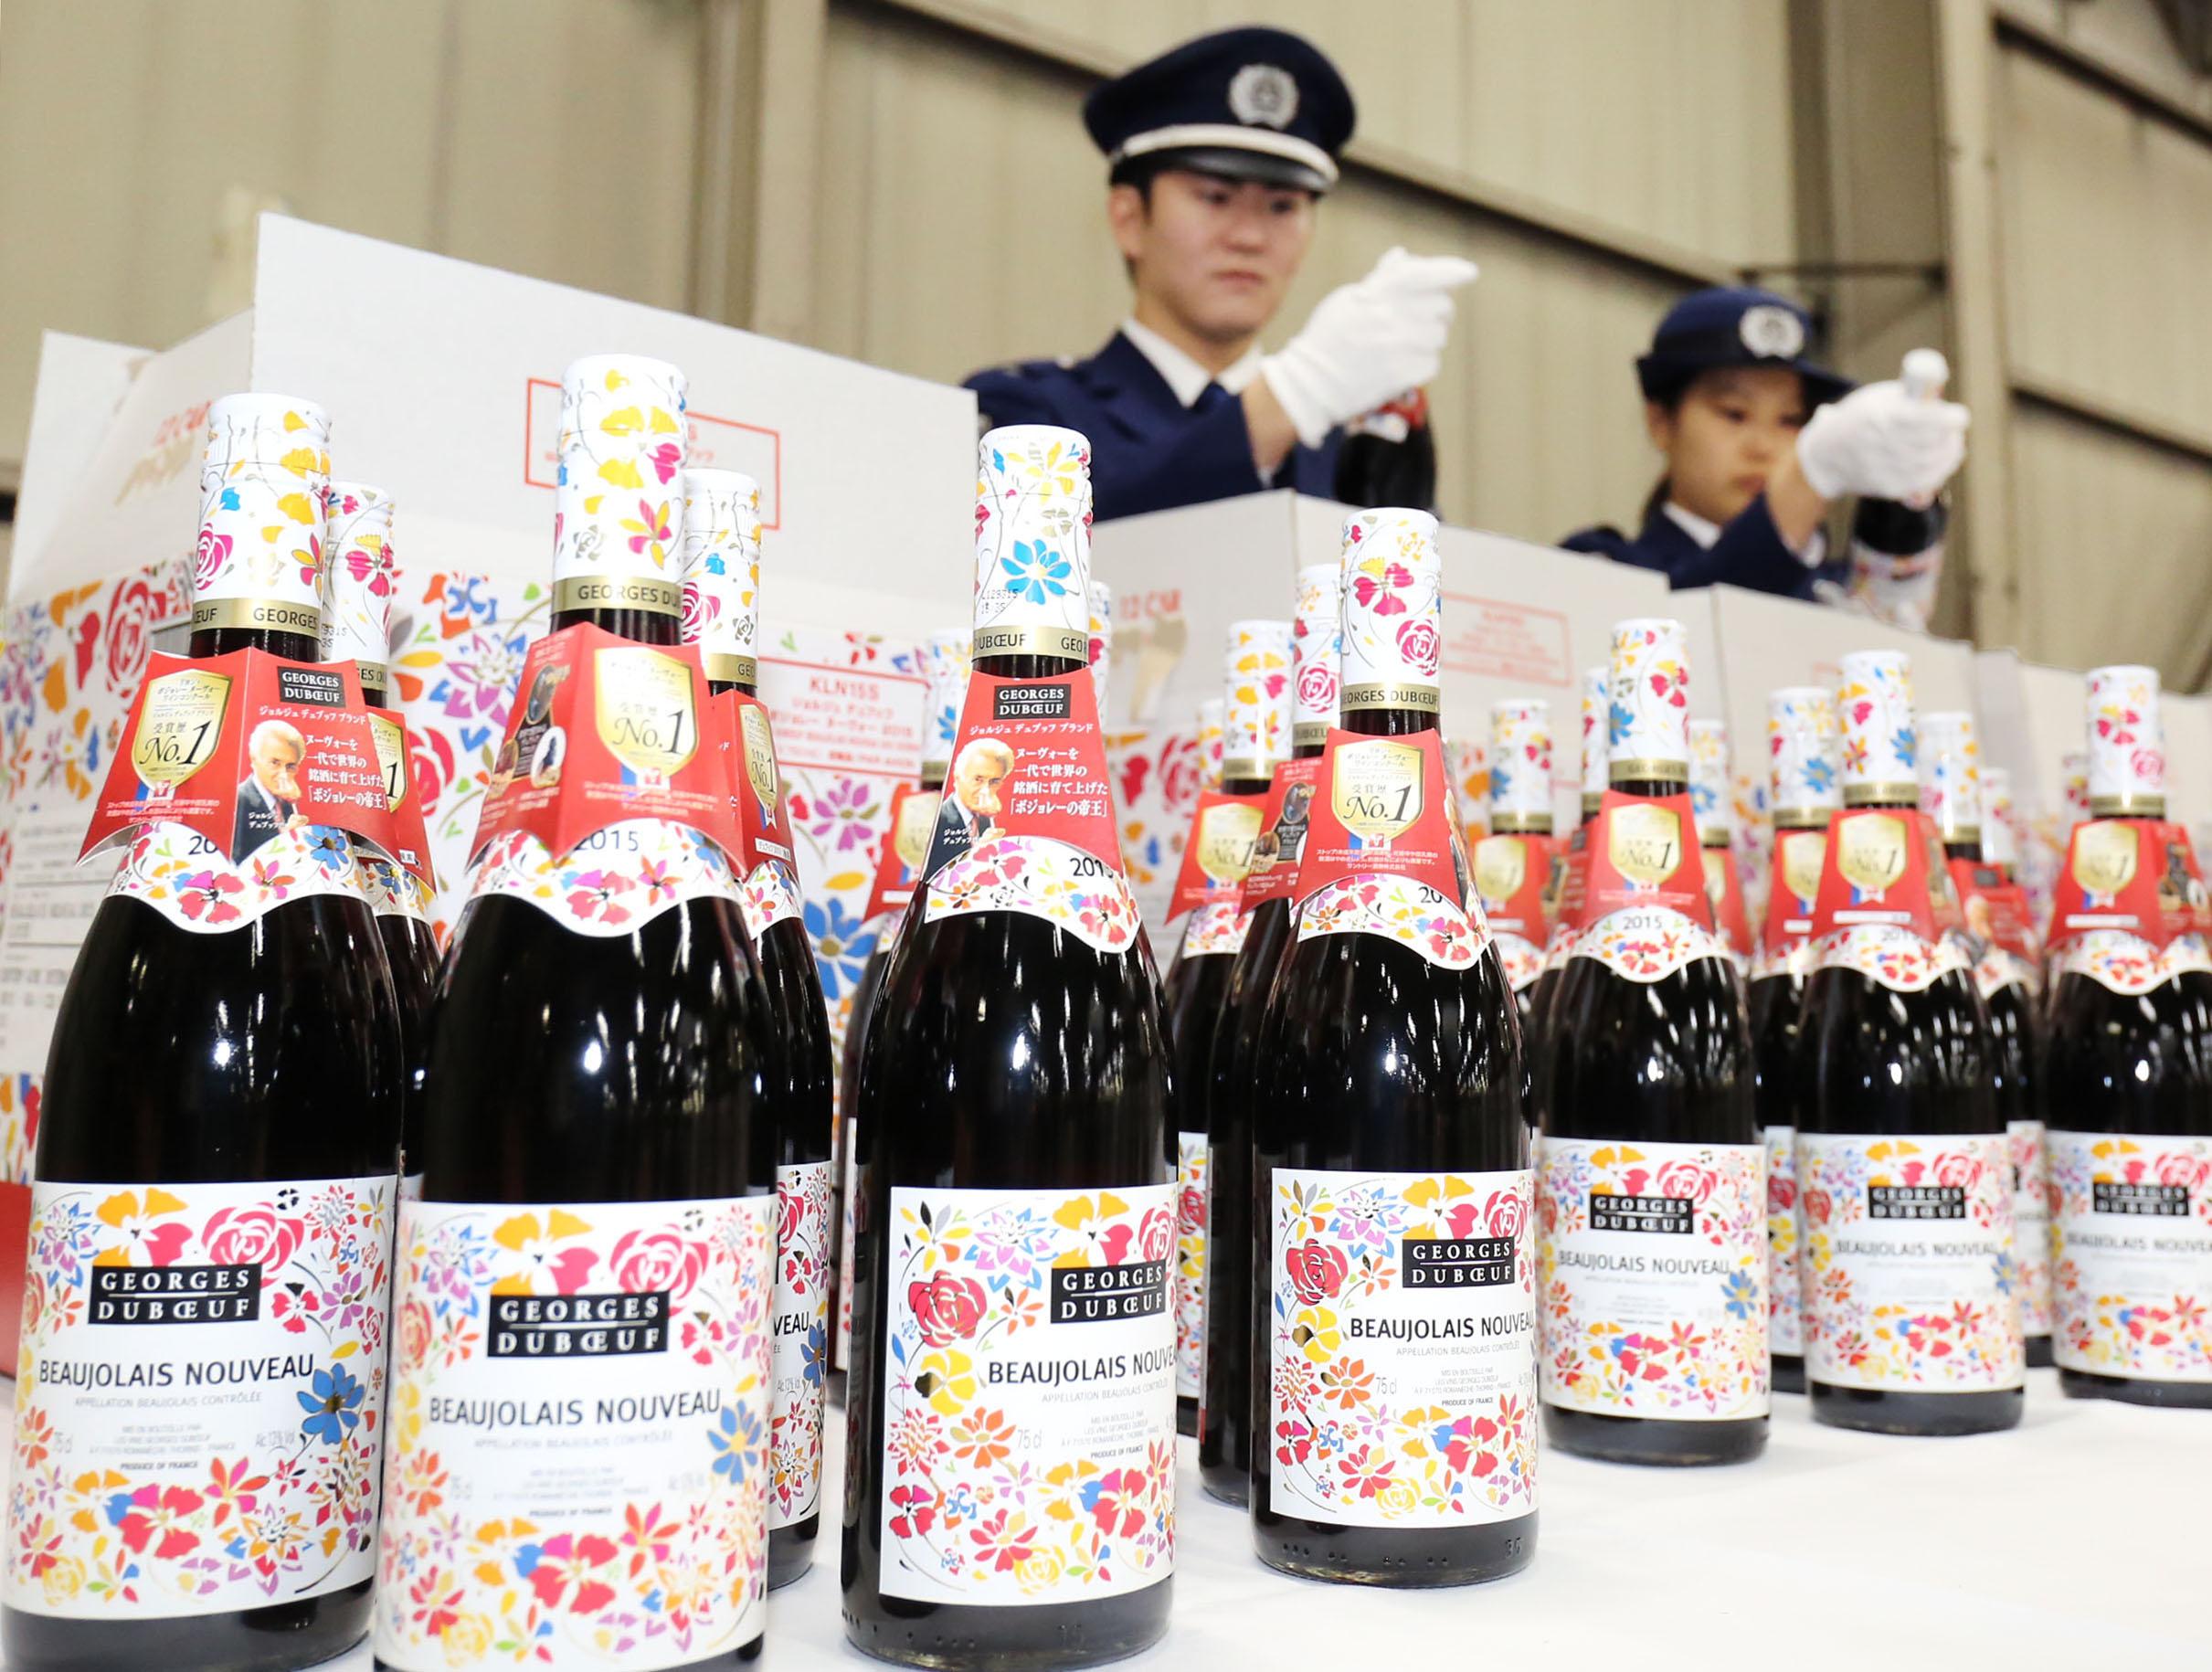 Старт продаж божоле-нуво 2015 в Японии.